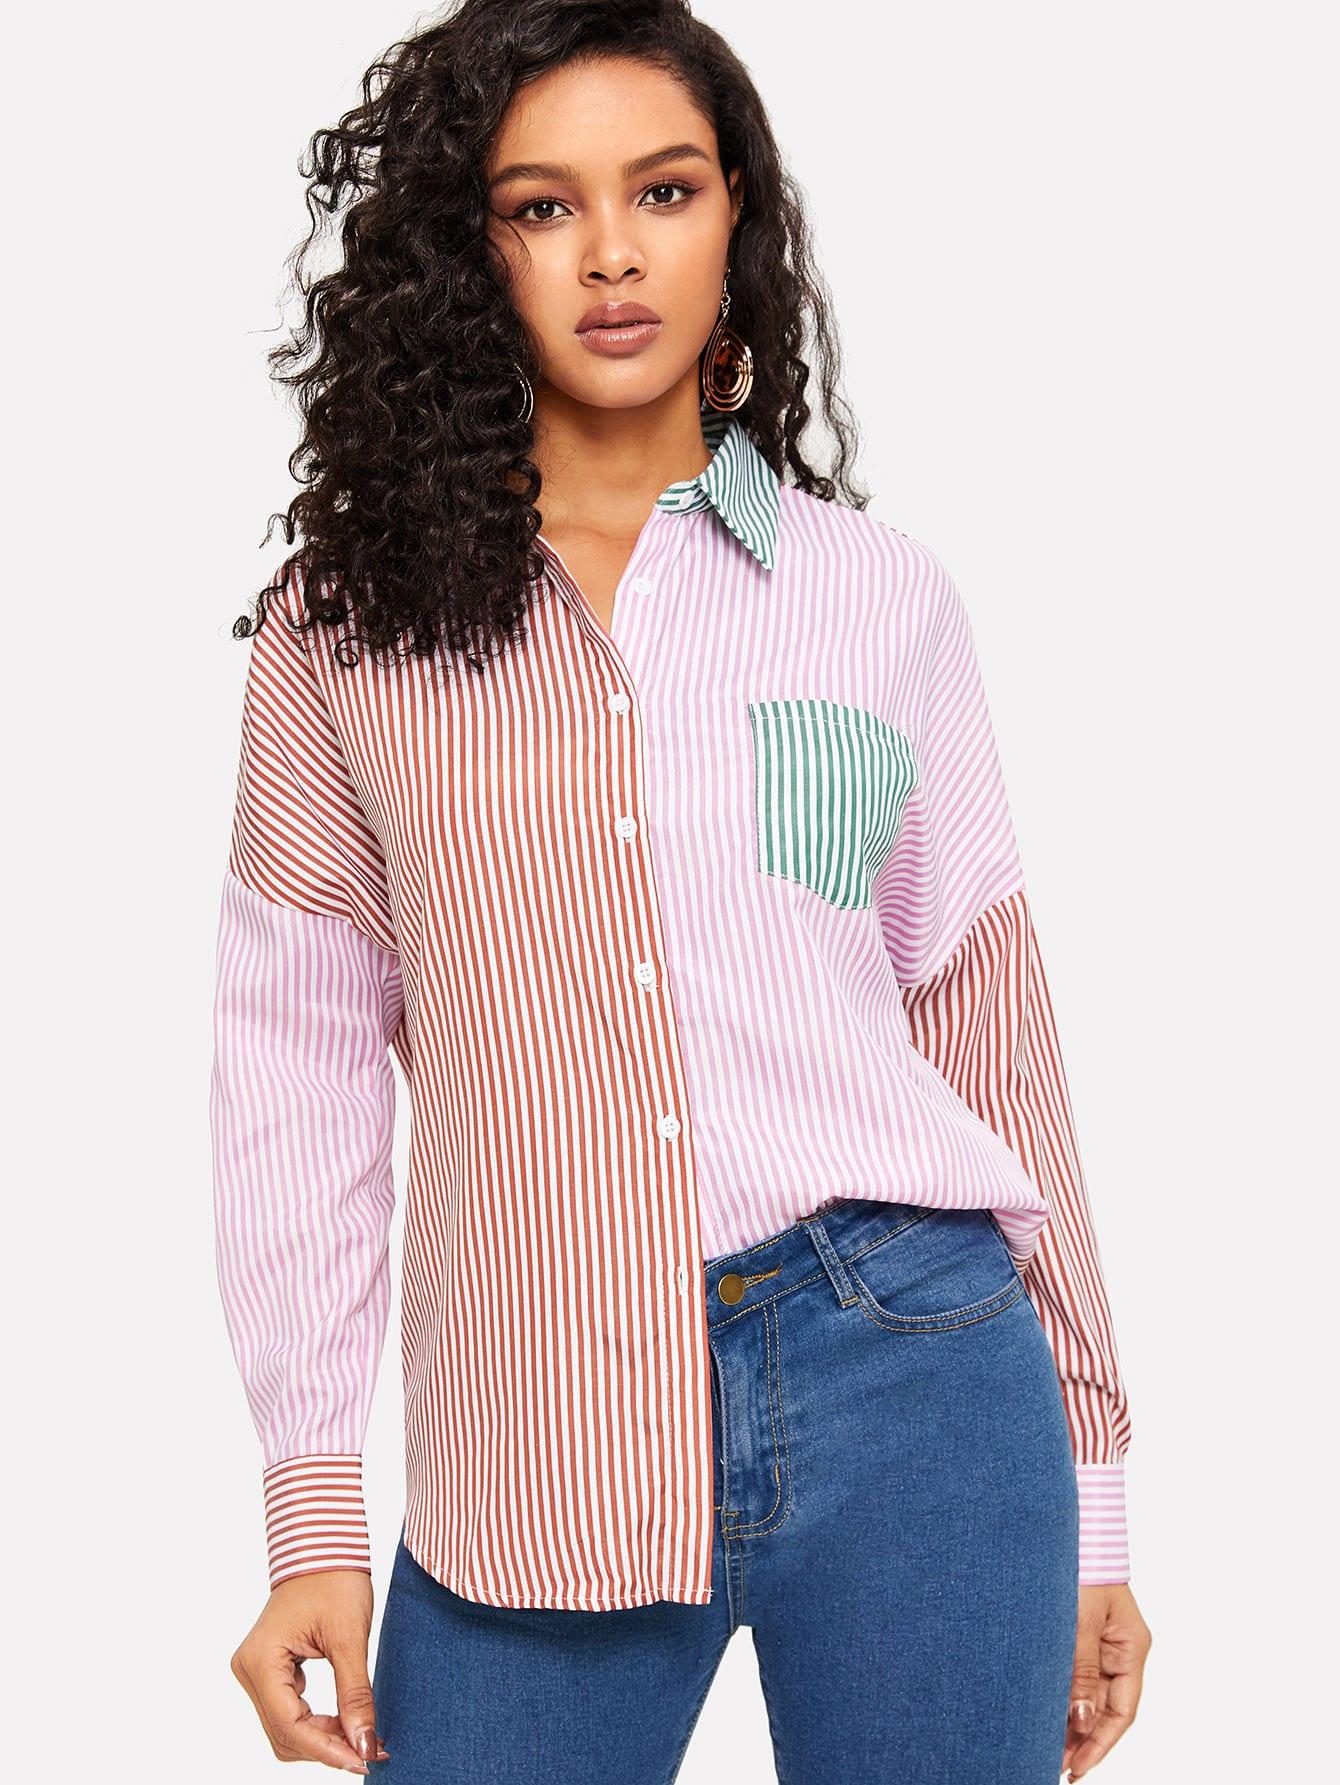 Купить Контрастная рубашка в полоску с карманом, Gigi, SheIn